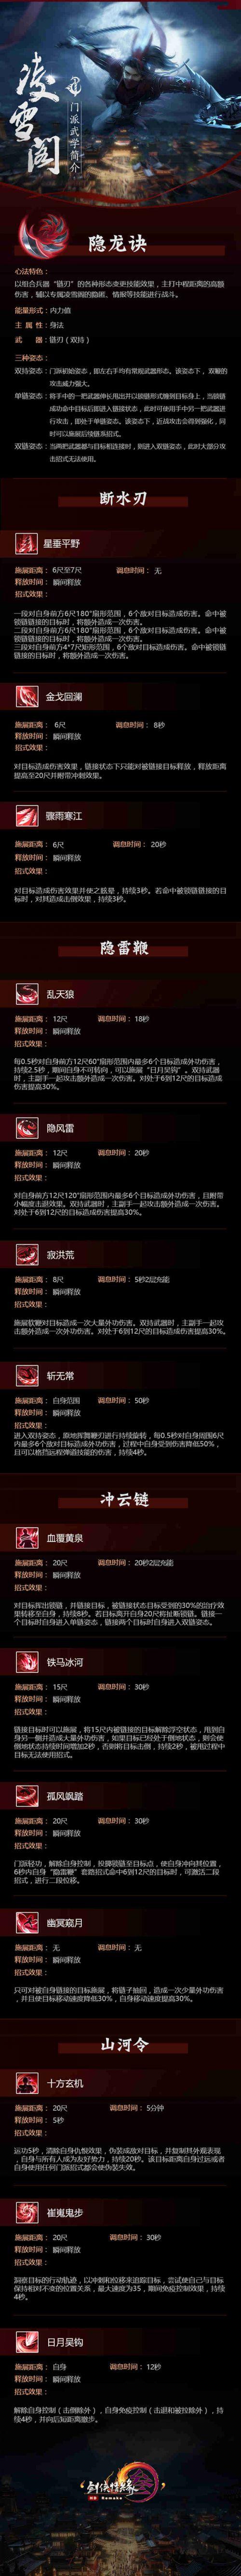 《剑网3》凌雪藏锋首测今日开启 新门派凌雪阁开放体验